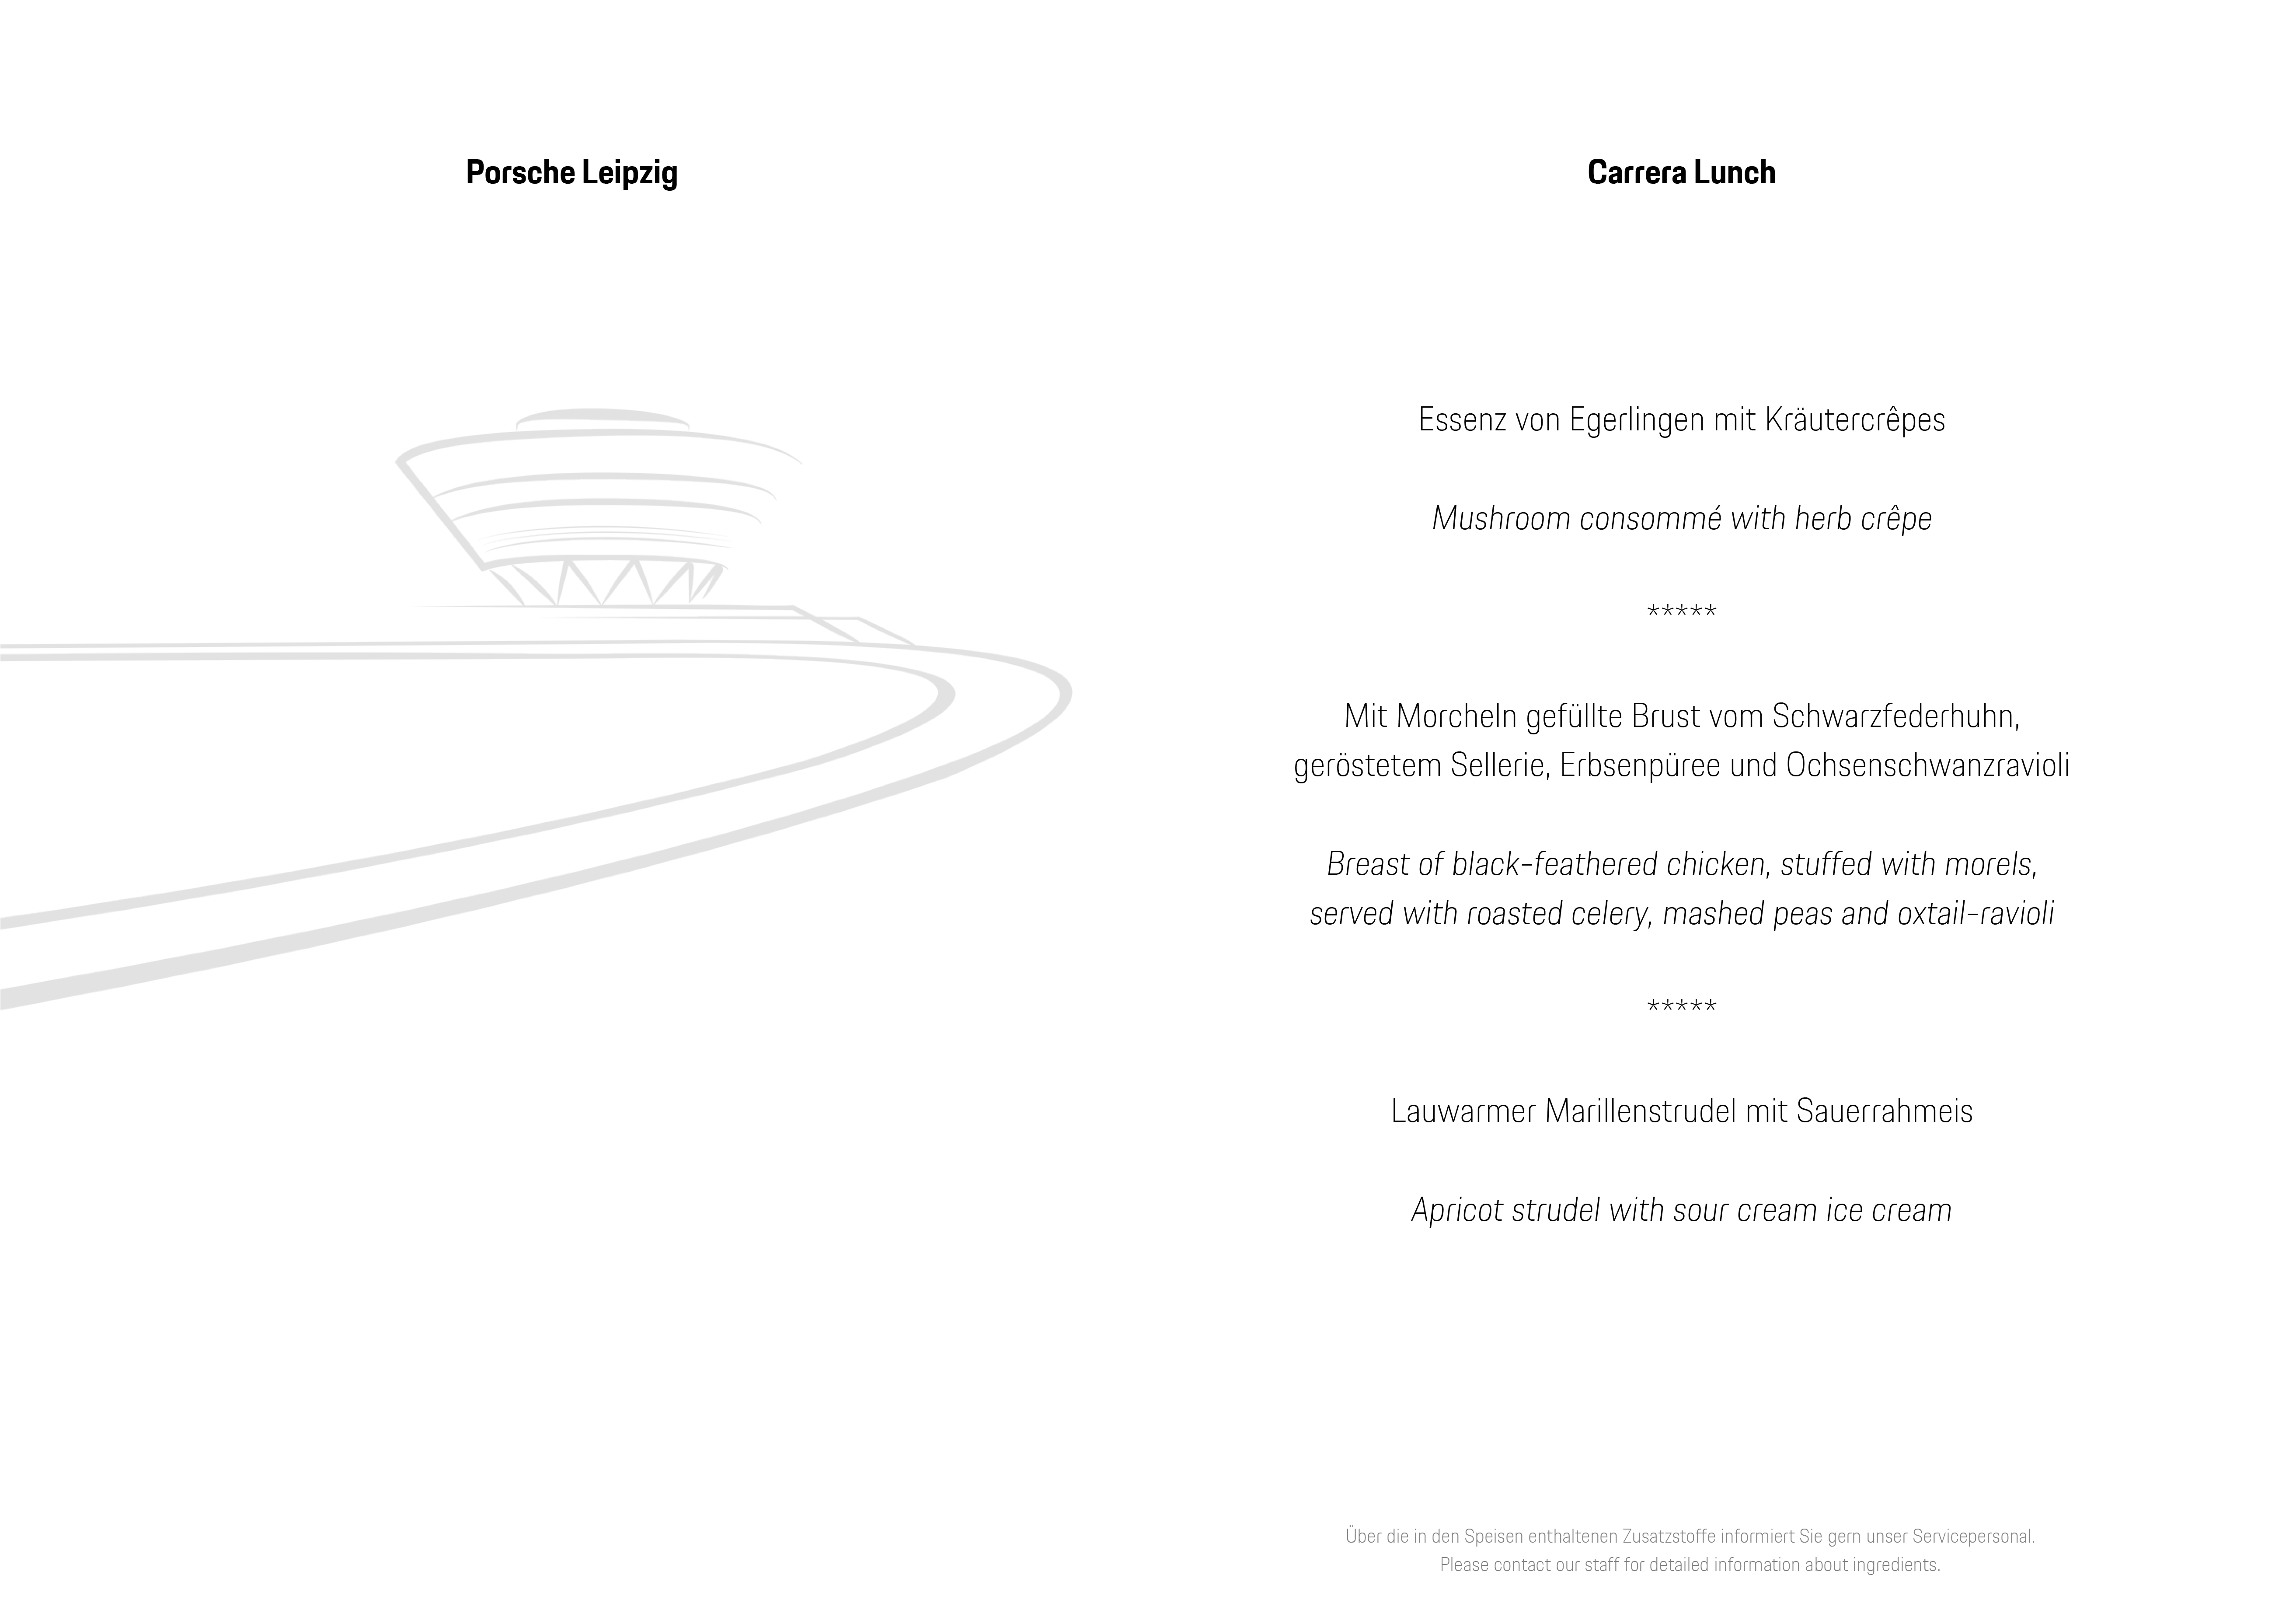 Carrera Lunch - Porsche Leipzig GmbH